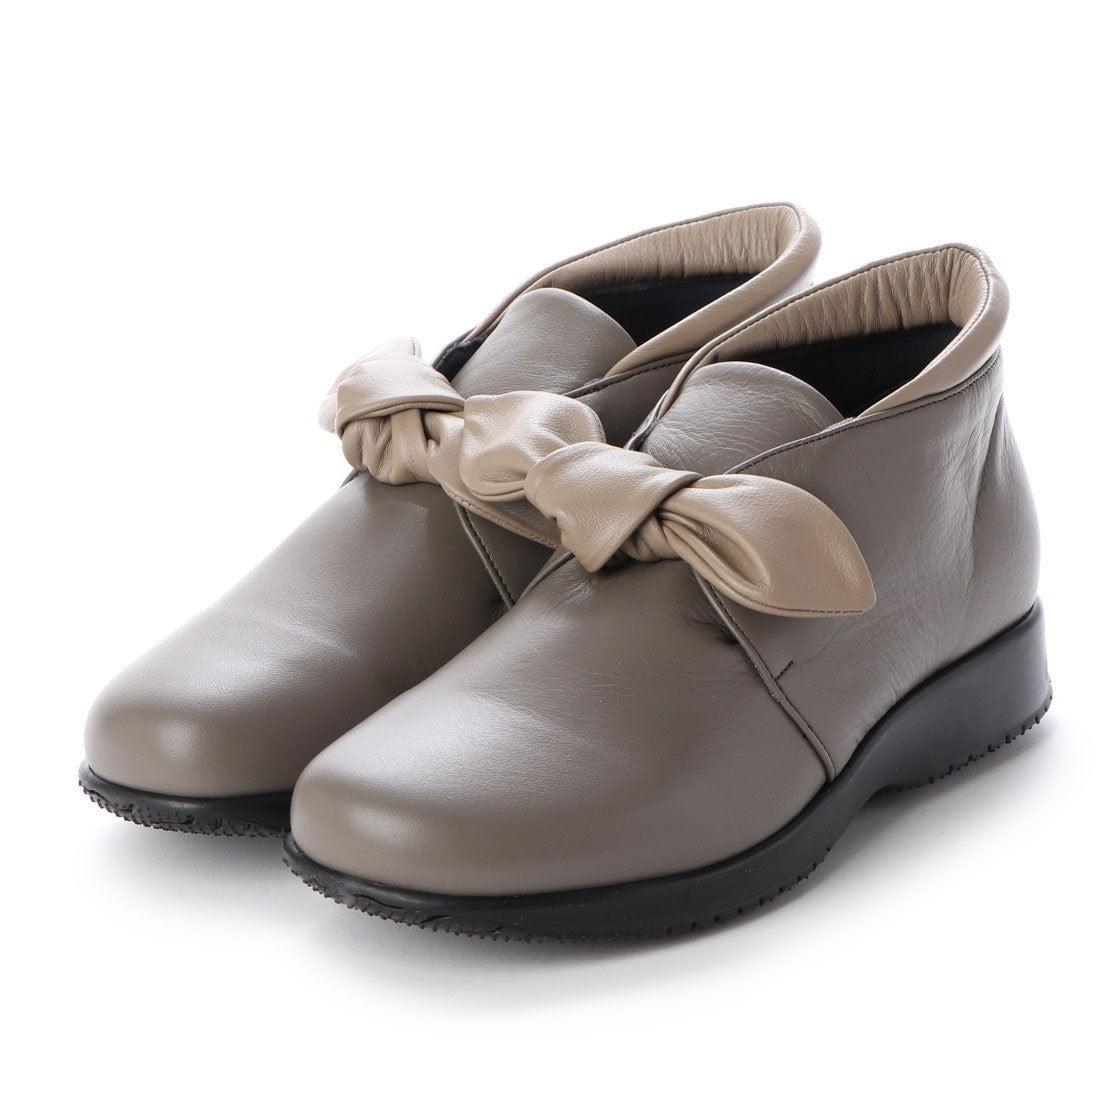 ロコンド 靴とファッションの通販サイトウォーカーヒル Walker Hill 大人かわいいリボン 雲の上のはき心地4E コンフォートシューズ (グレージュコンビ)